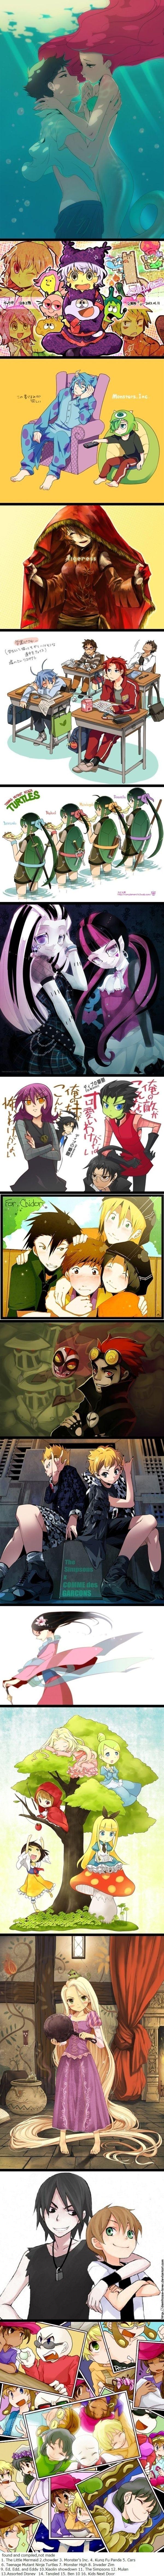 Cartoons to Anime